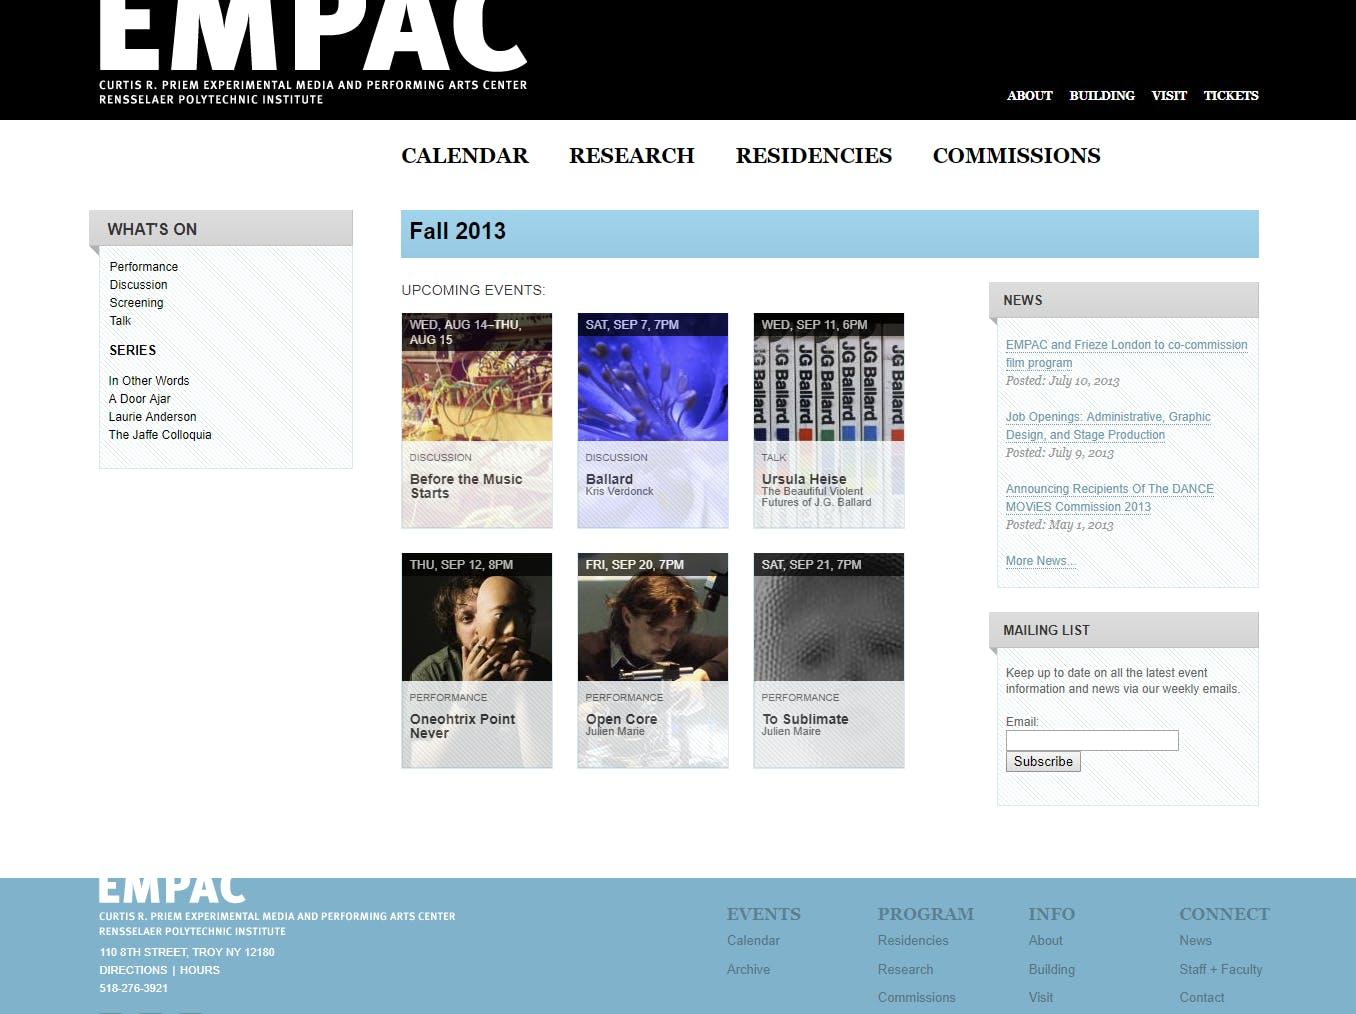 EMPAC website screenshot